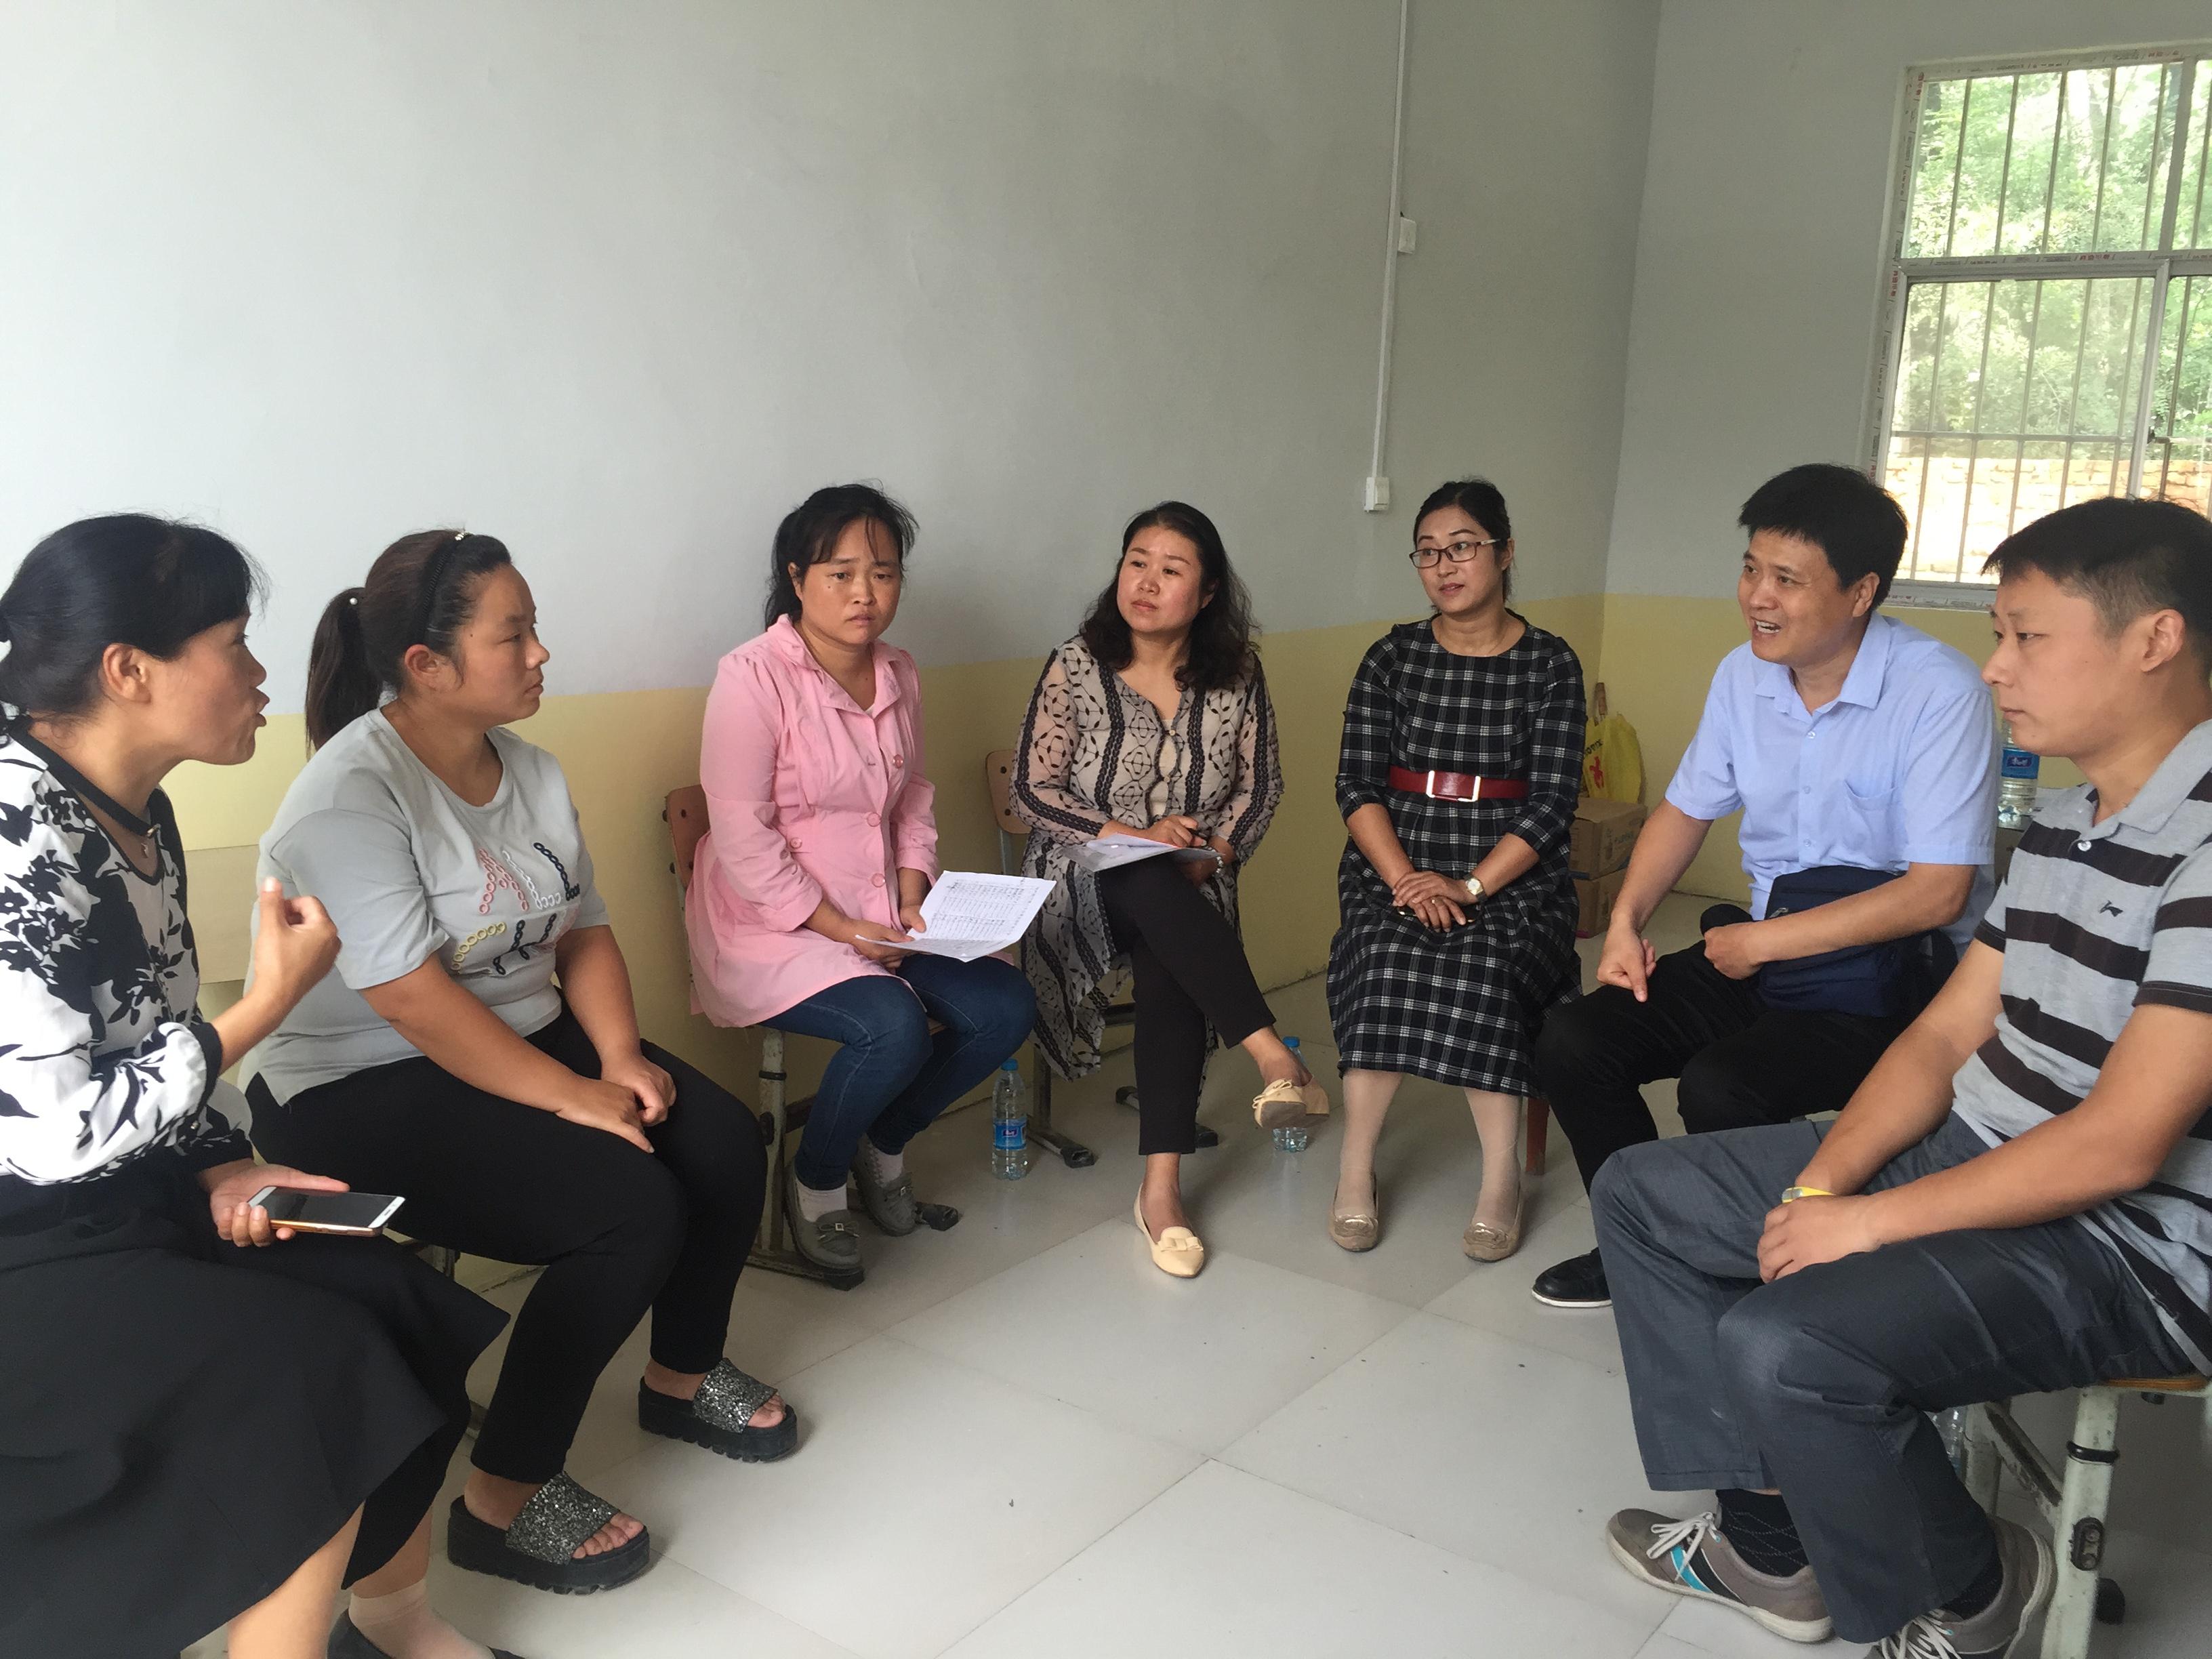 """郑州市盲聋哑学校加强""""随班就读""""指导 助力低视力学生"""